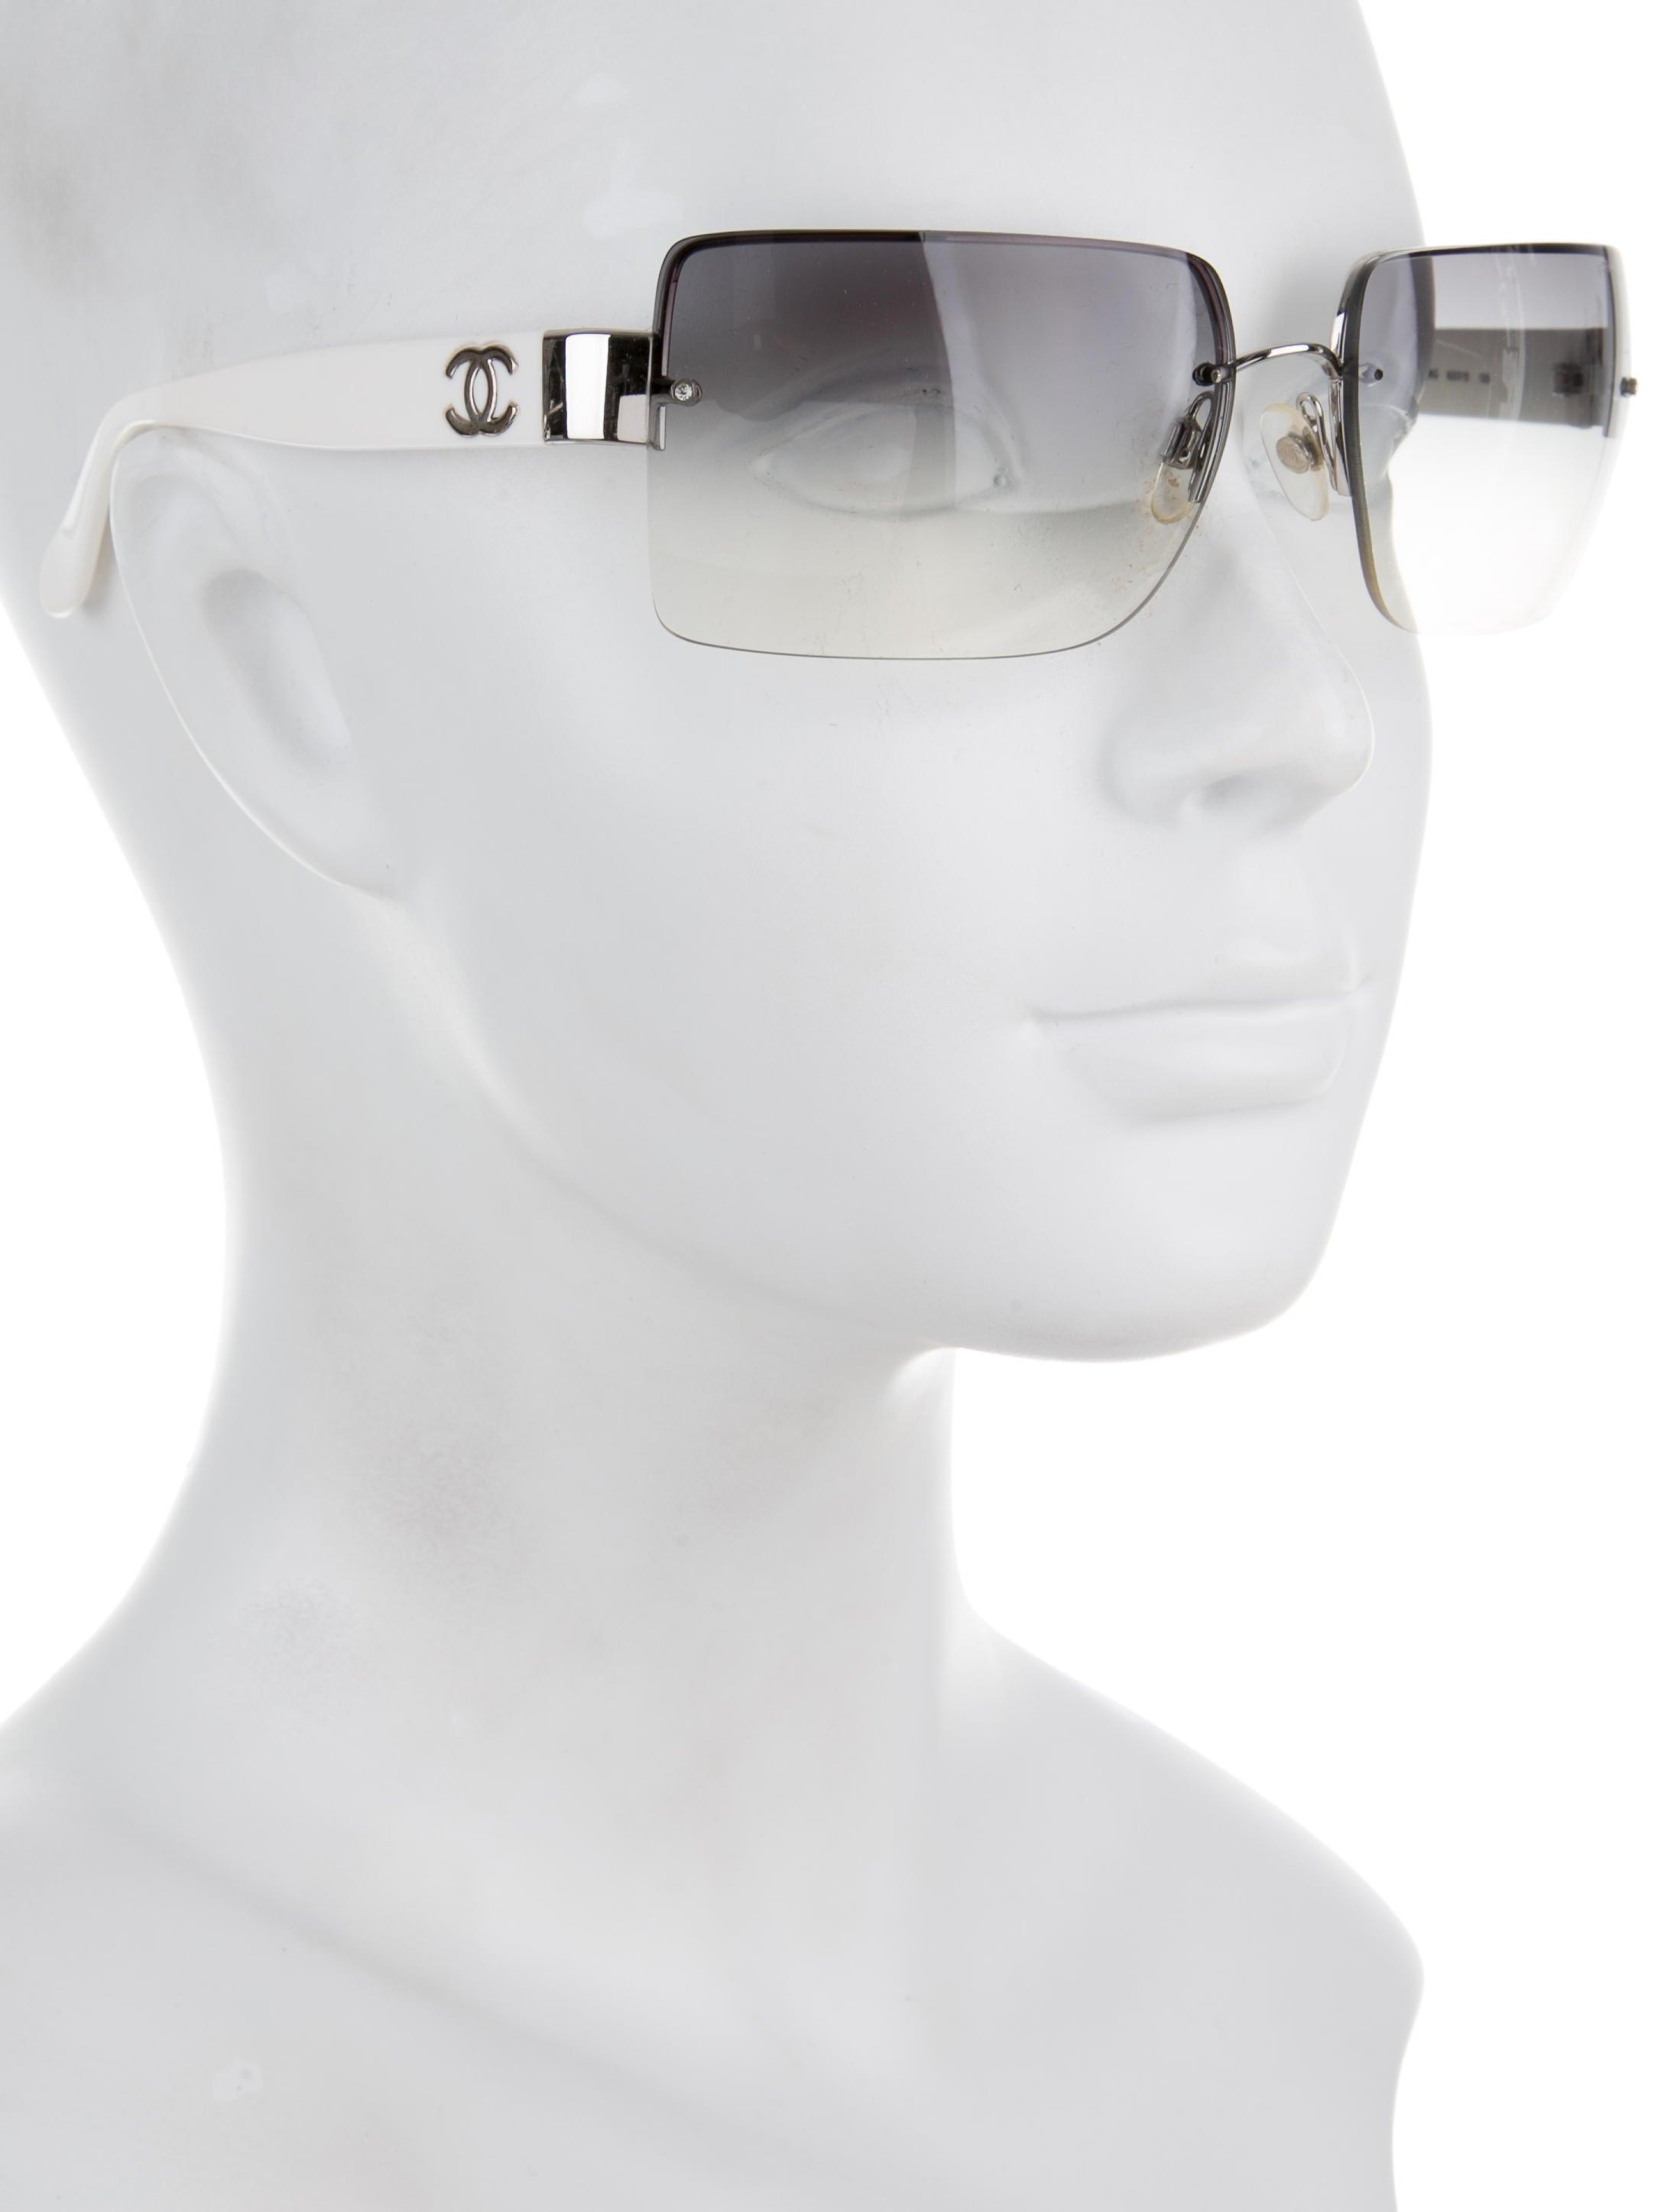 Rimless Chanel Glasses : Chanel CC Rimless Sunglasses - Accessories - CHA167947 ...